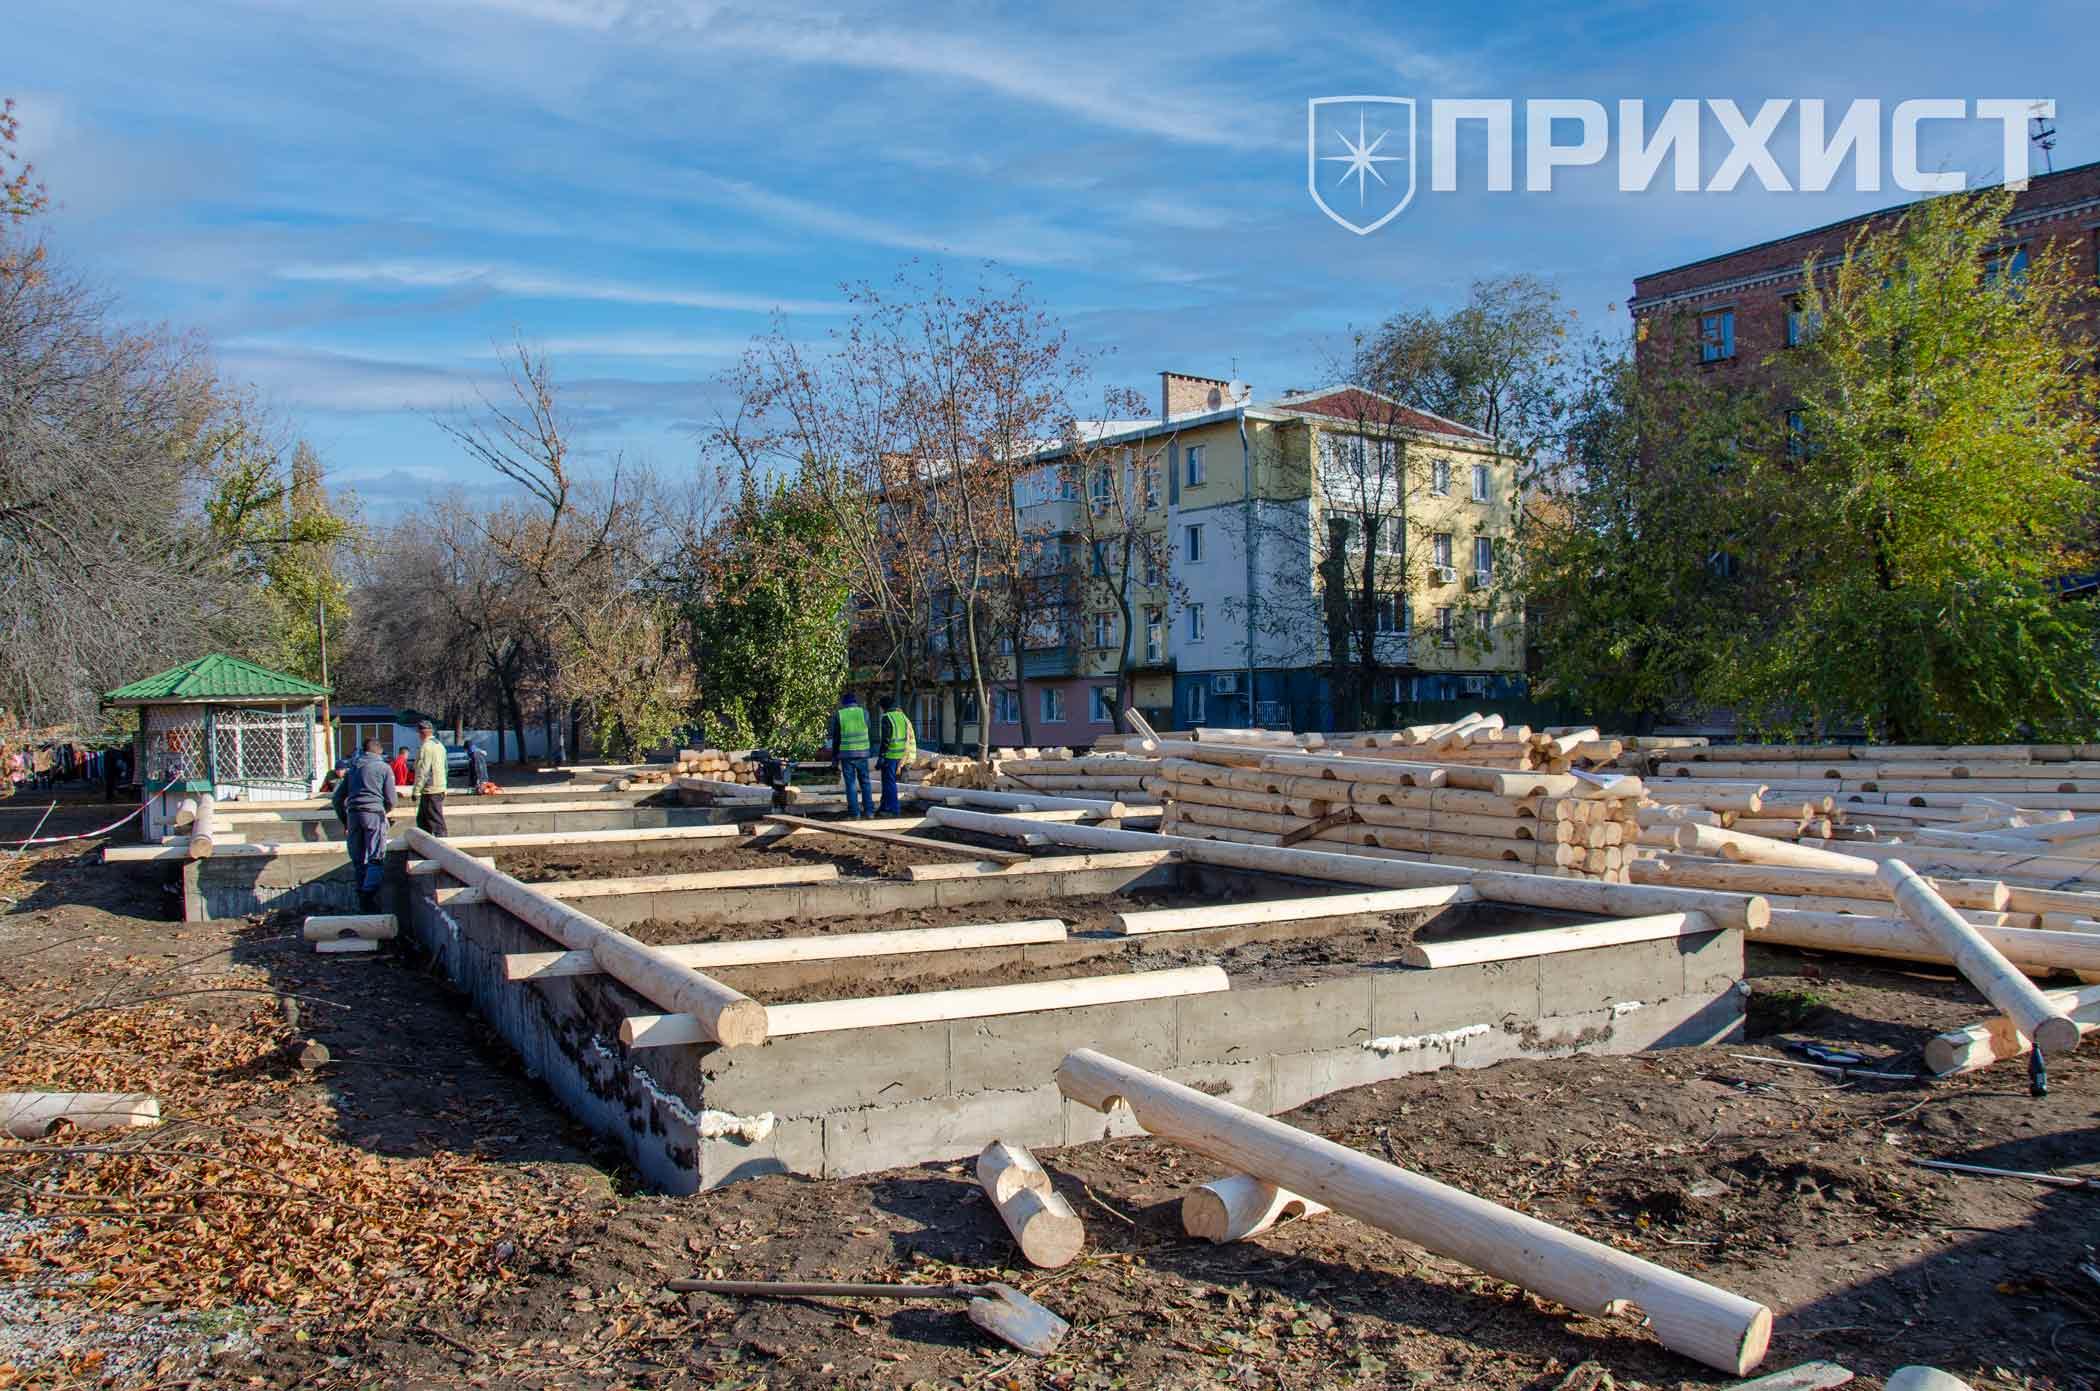 У Нікополі розпочалось будівництво  повністю дерев'яного храму | Прихист